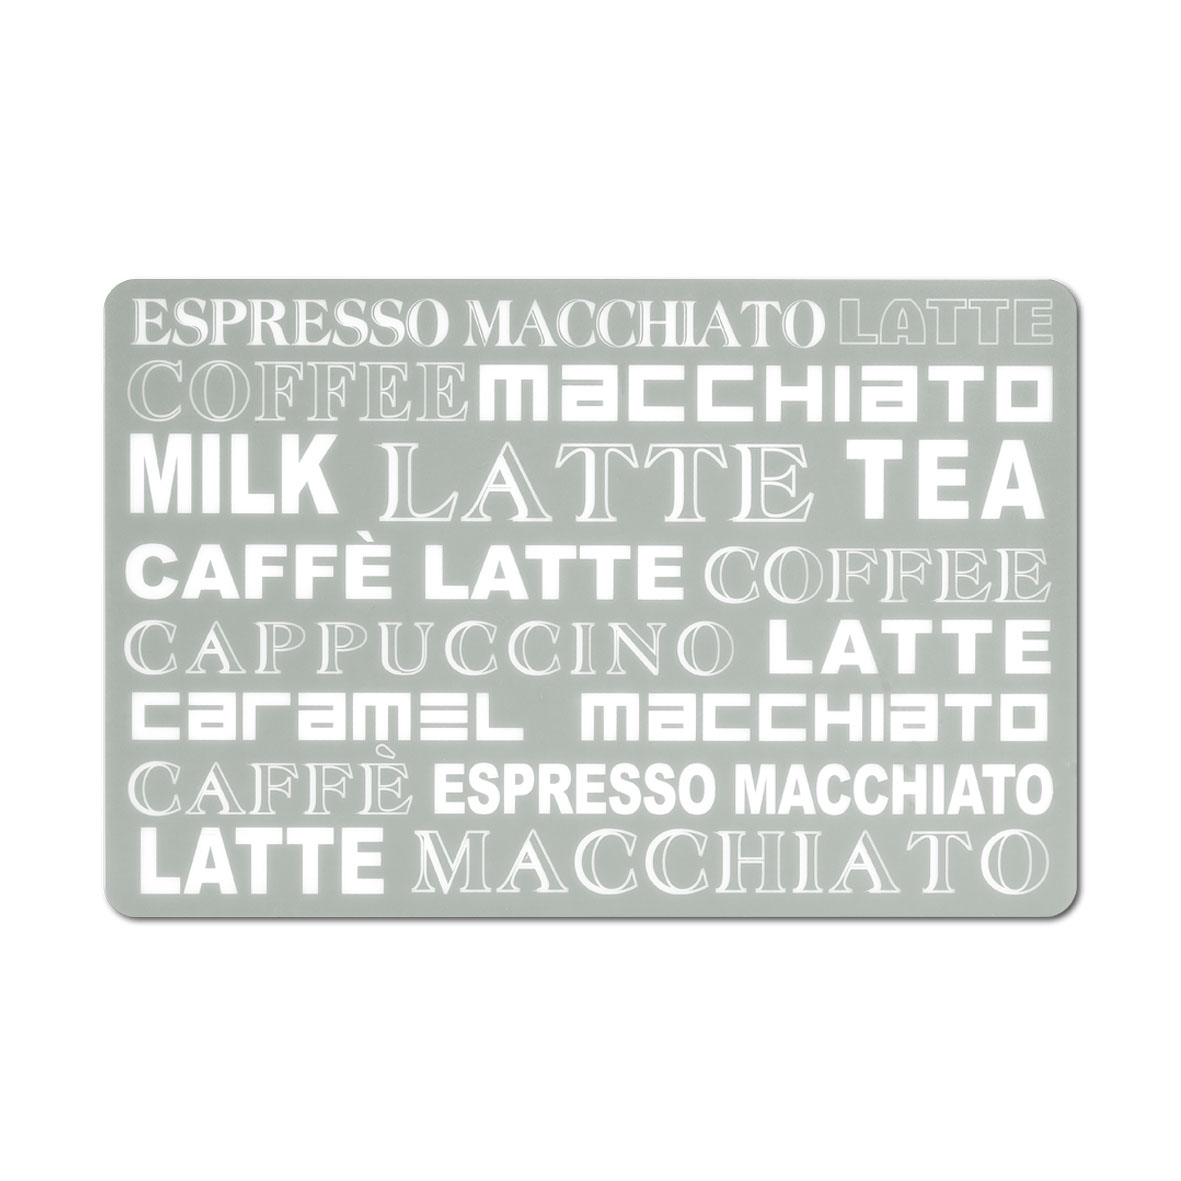 Suport vesela din PP (polipropilena), Latte Macchiato Grej, L43,5xl28,5 cm imagine